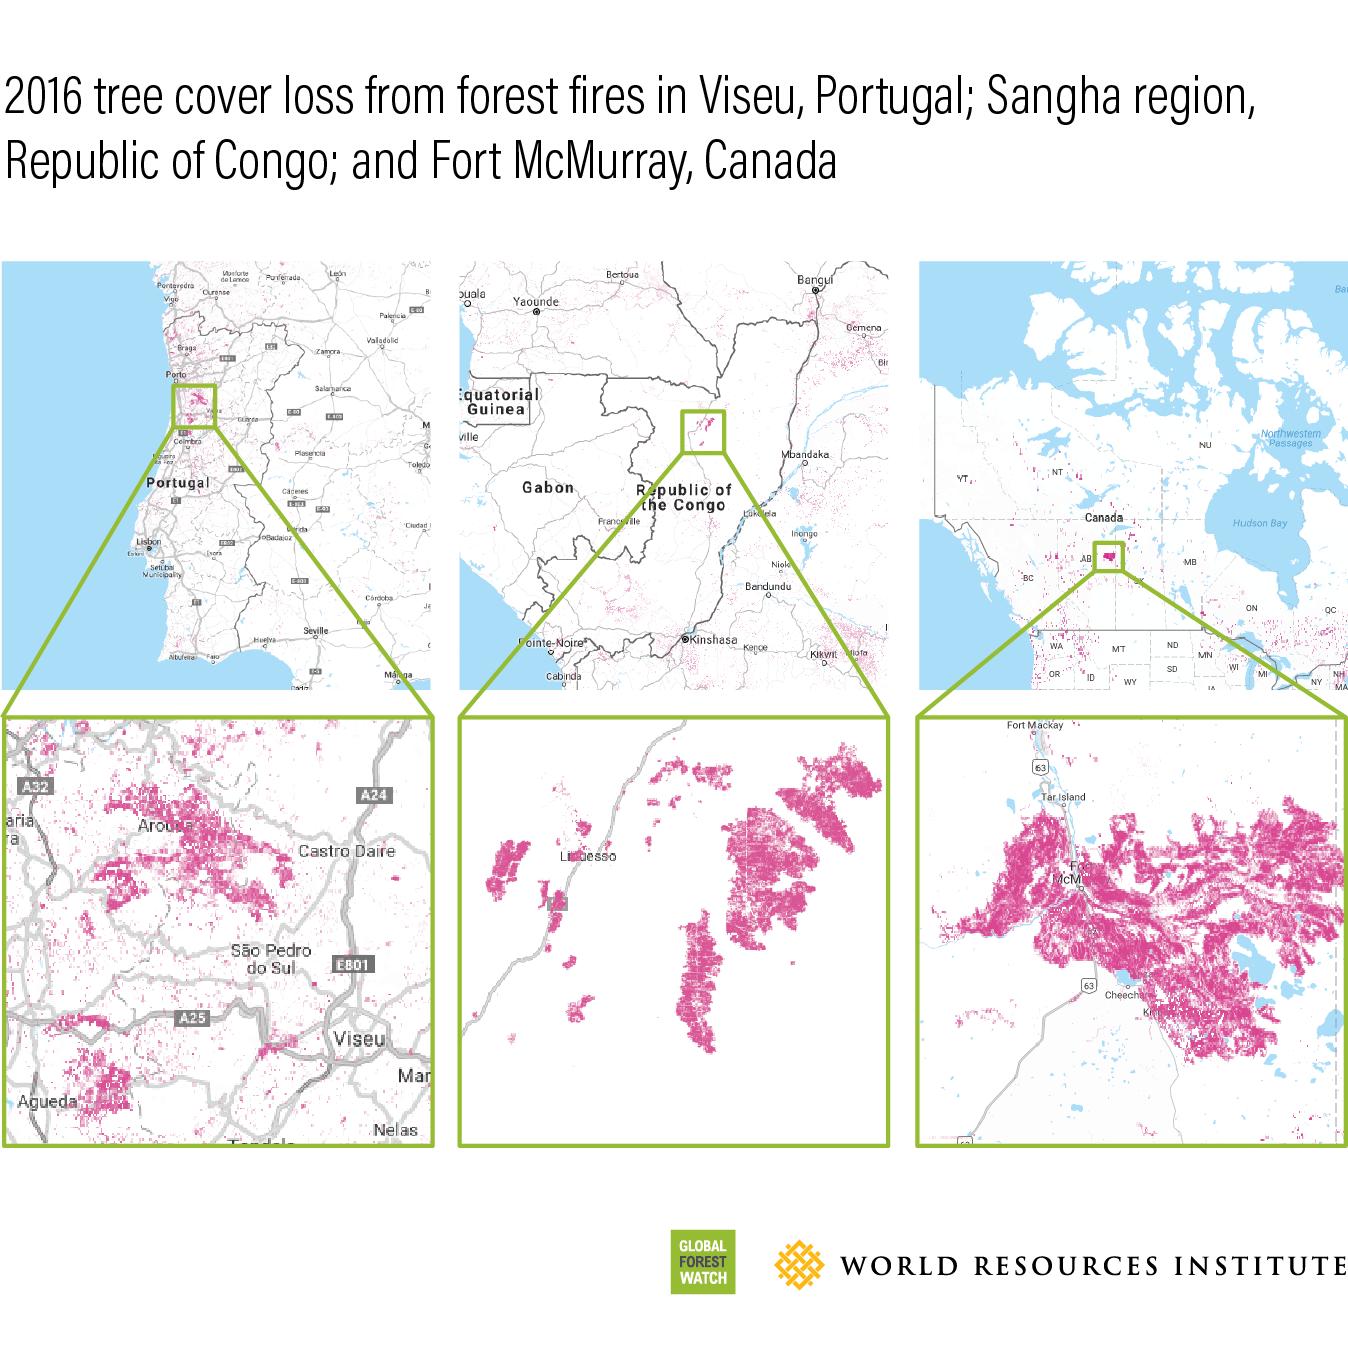 <p>La pérdida de cobertura arbórea en 2016 debida a los incendios forestales en Viceu, Portugal; la región de Sangha en la República del Congo y Fort McMurray, Canadá.</p>